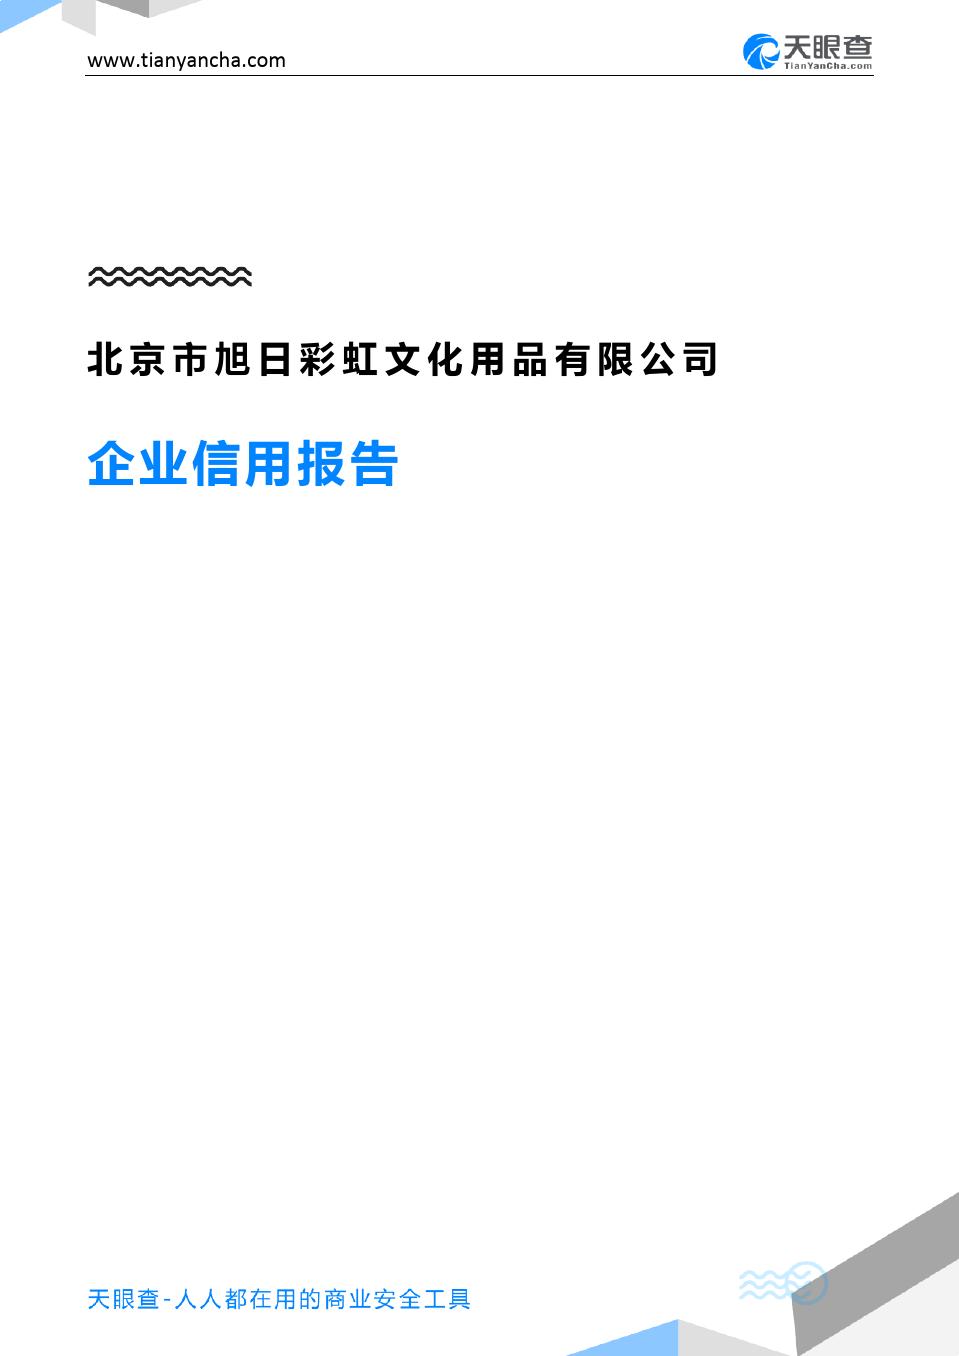 北京市旭日彩虹文化用品有限公司企业信用报告-天眼查